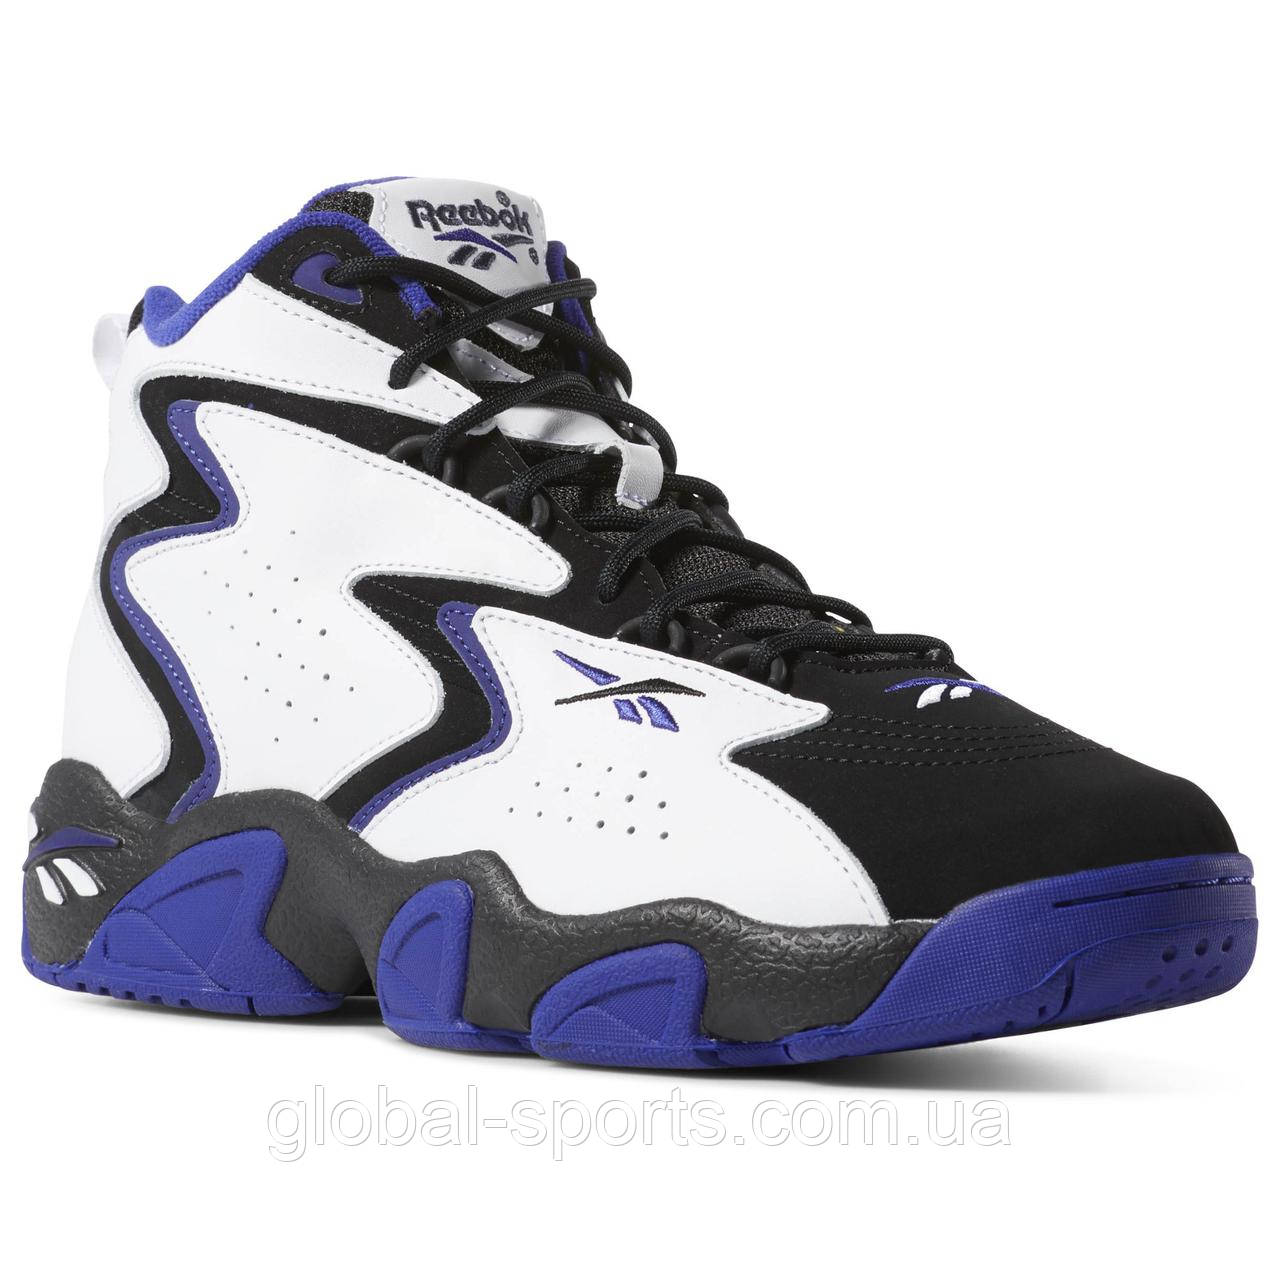 Мужские баскетбольные кроссовки Reebok Mobius OG (Артикул: CN7902)